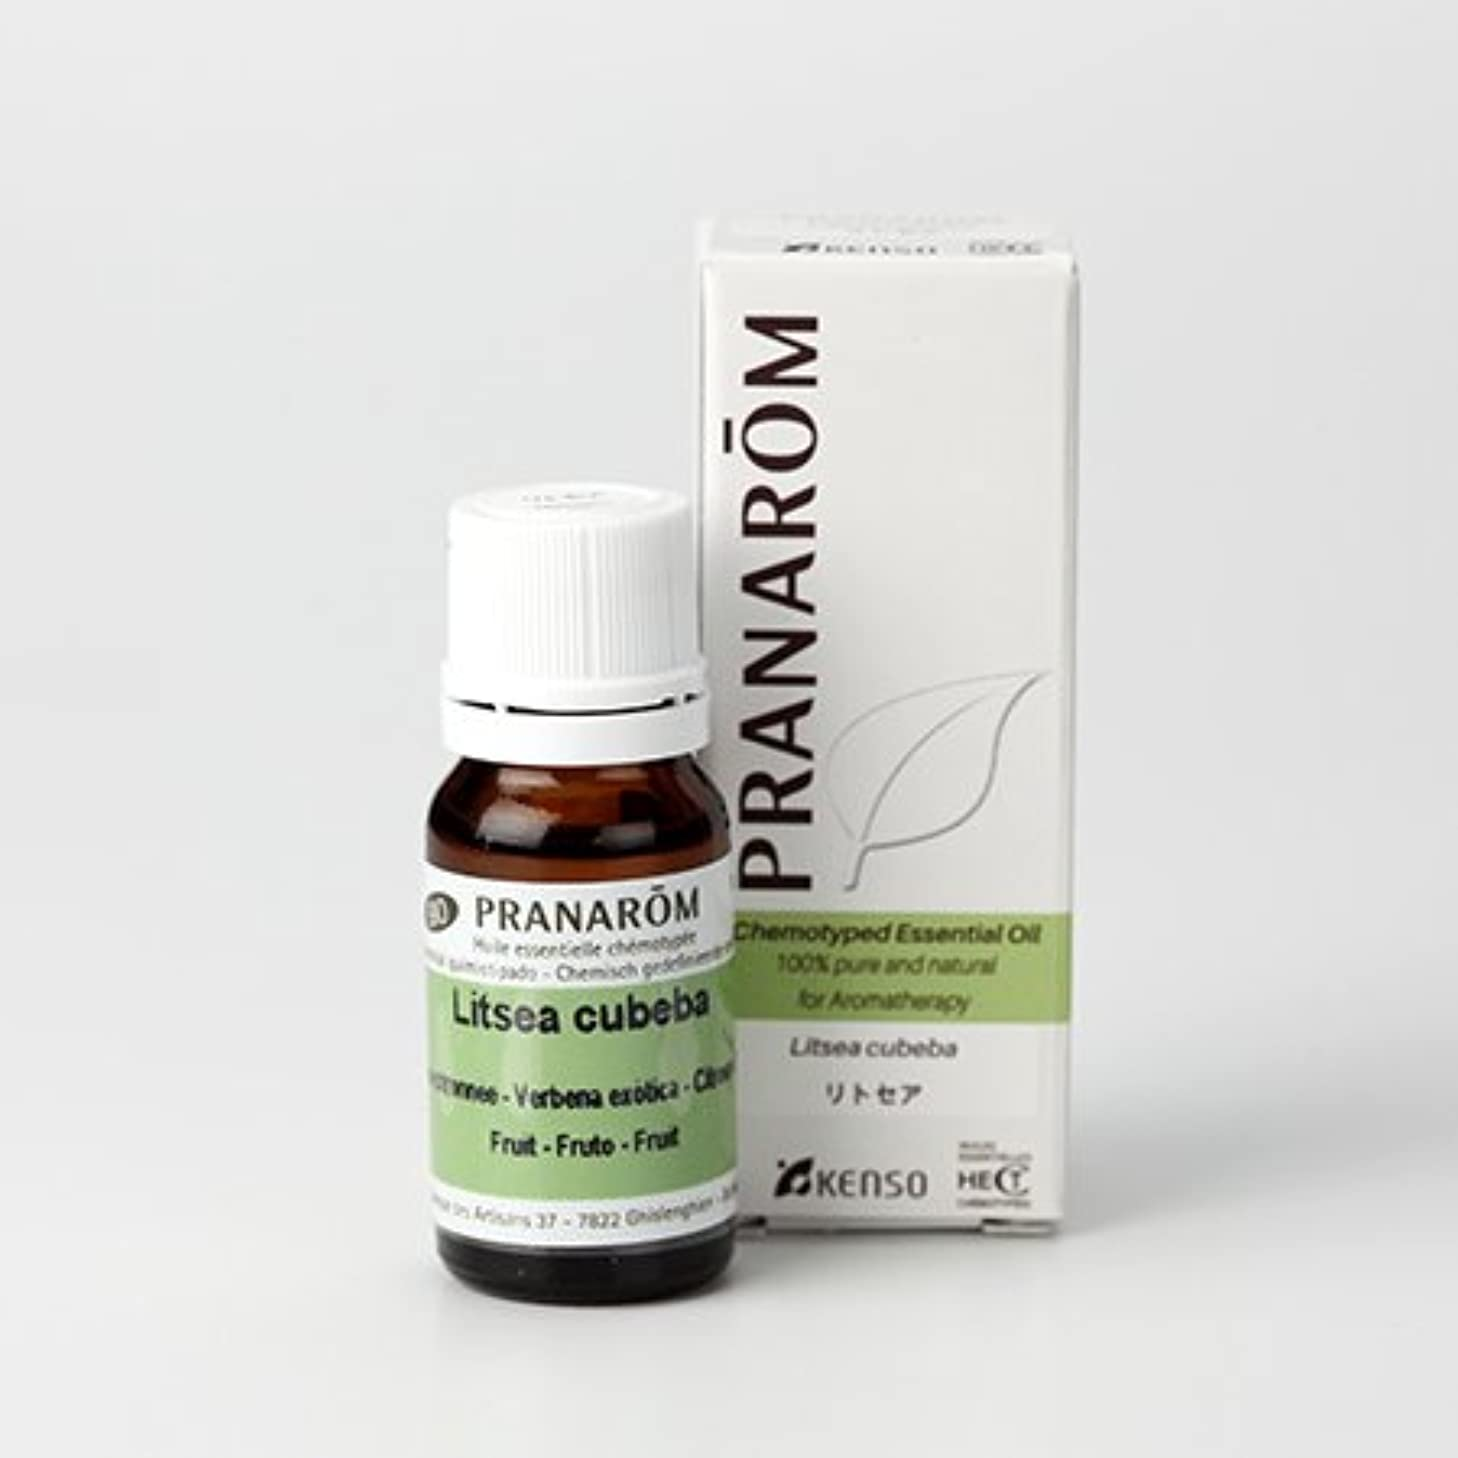 レース神砂のプラナロム ( PRANAROM ) 精油 リトセア 10ml p-107